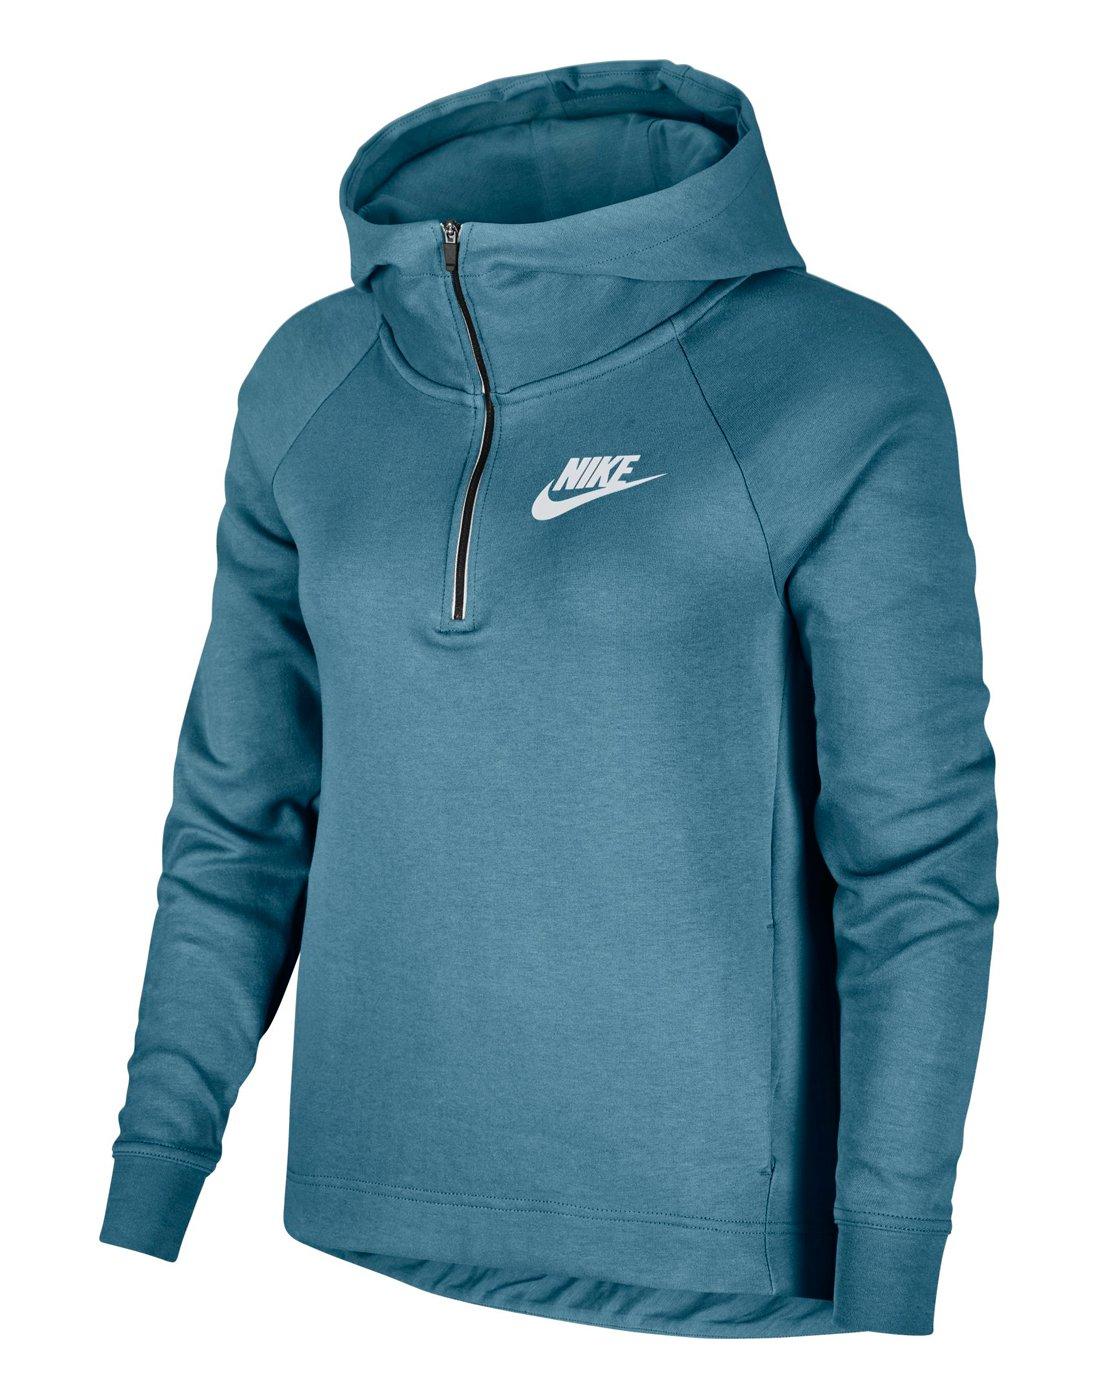 c9fe09634b32 Women s Nike Half-Zip Hoody